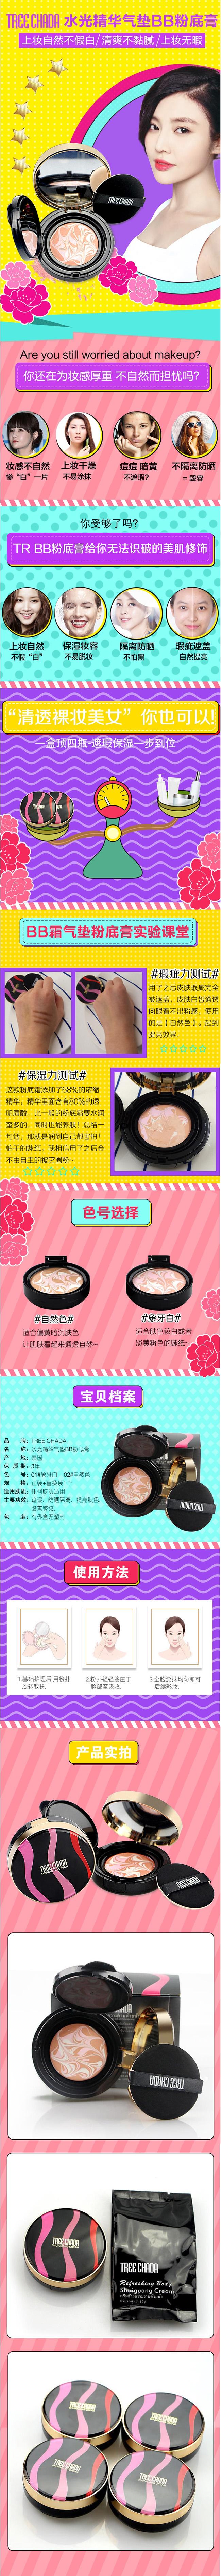 泰国TREECHADA水光精华气垫BB霜象牙白&自然色+替换装-1.jpg